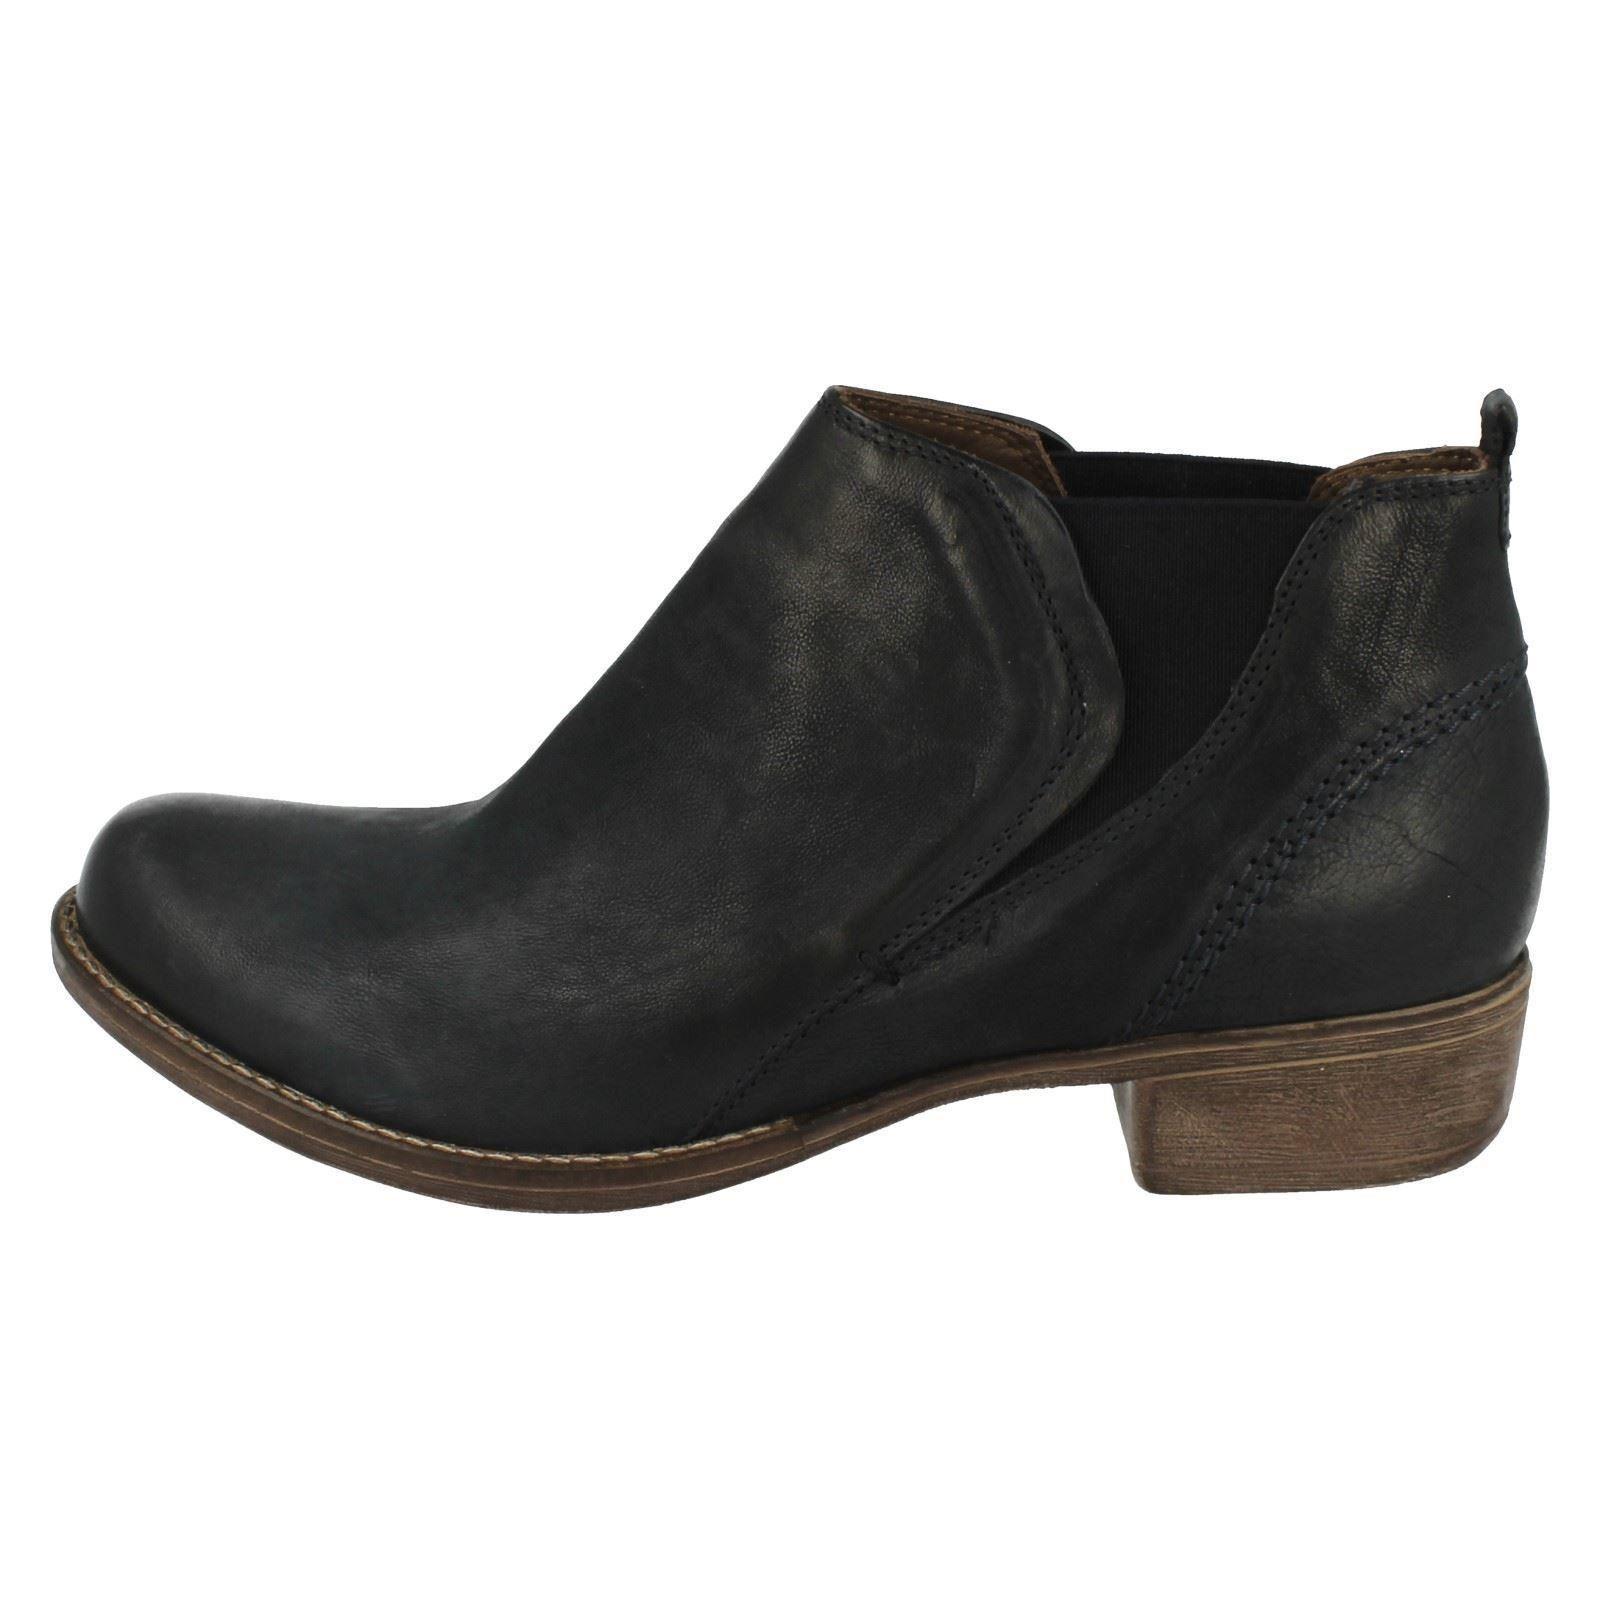 Chelsea blue Colindale Navy Clarks Boots Oak Ladies qHYSnPx